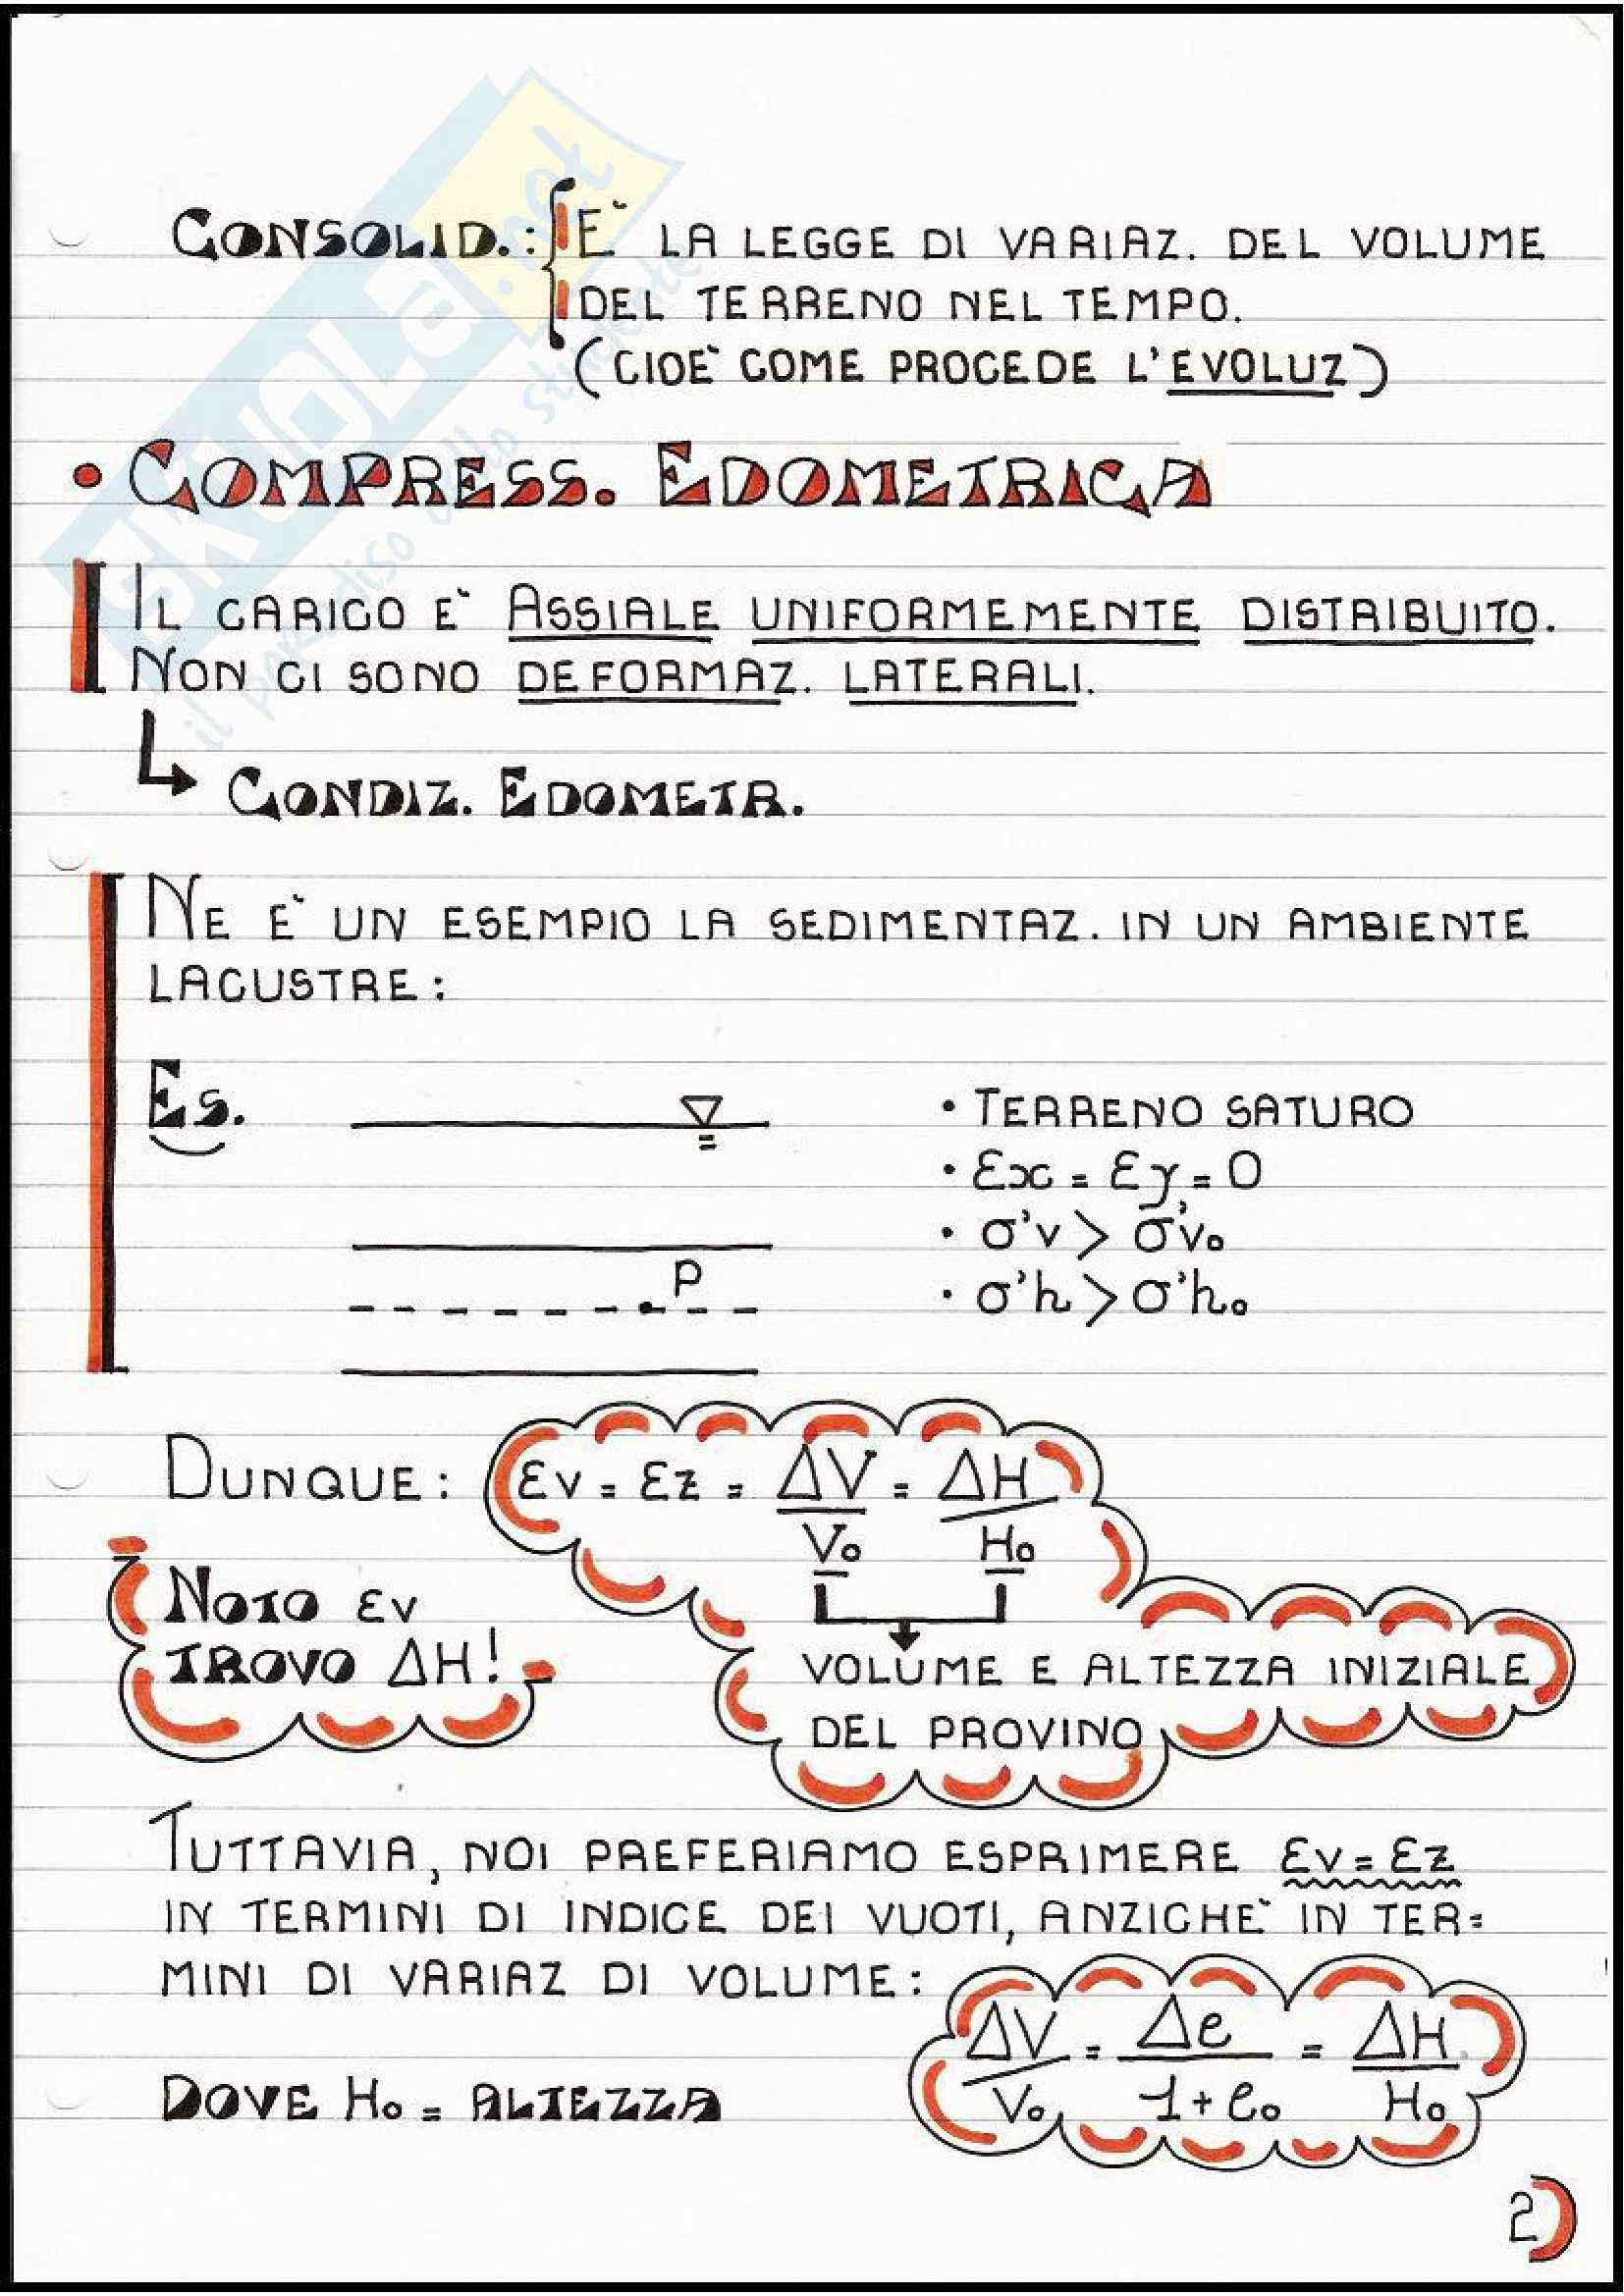 Geotecnica - Compressibilità e consolidazione edometrica Pag. 2